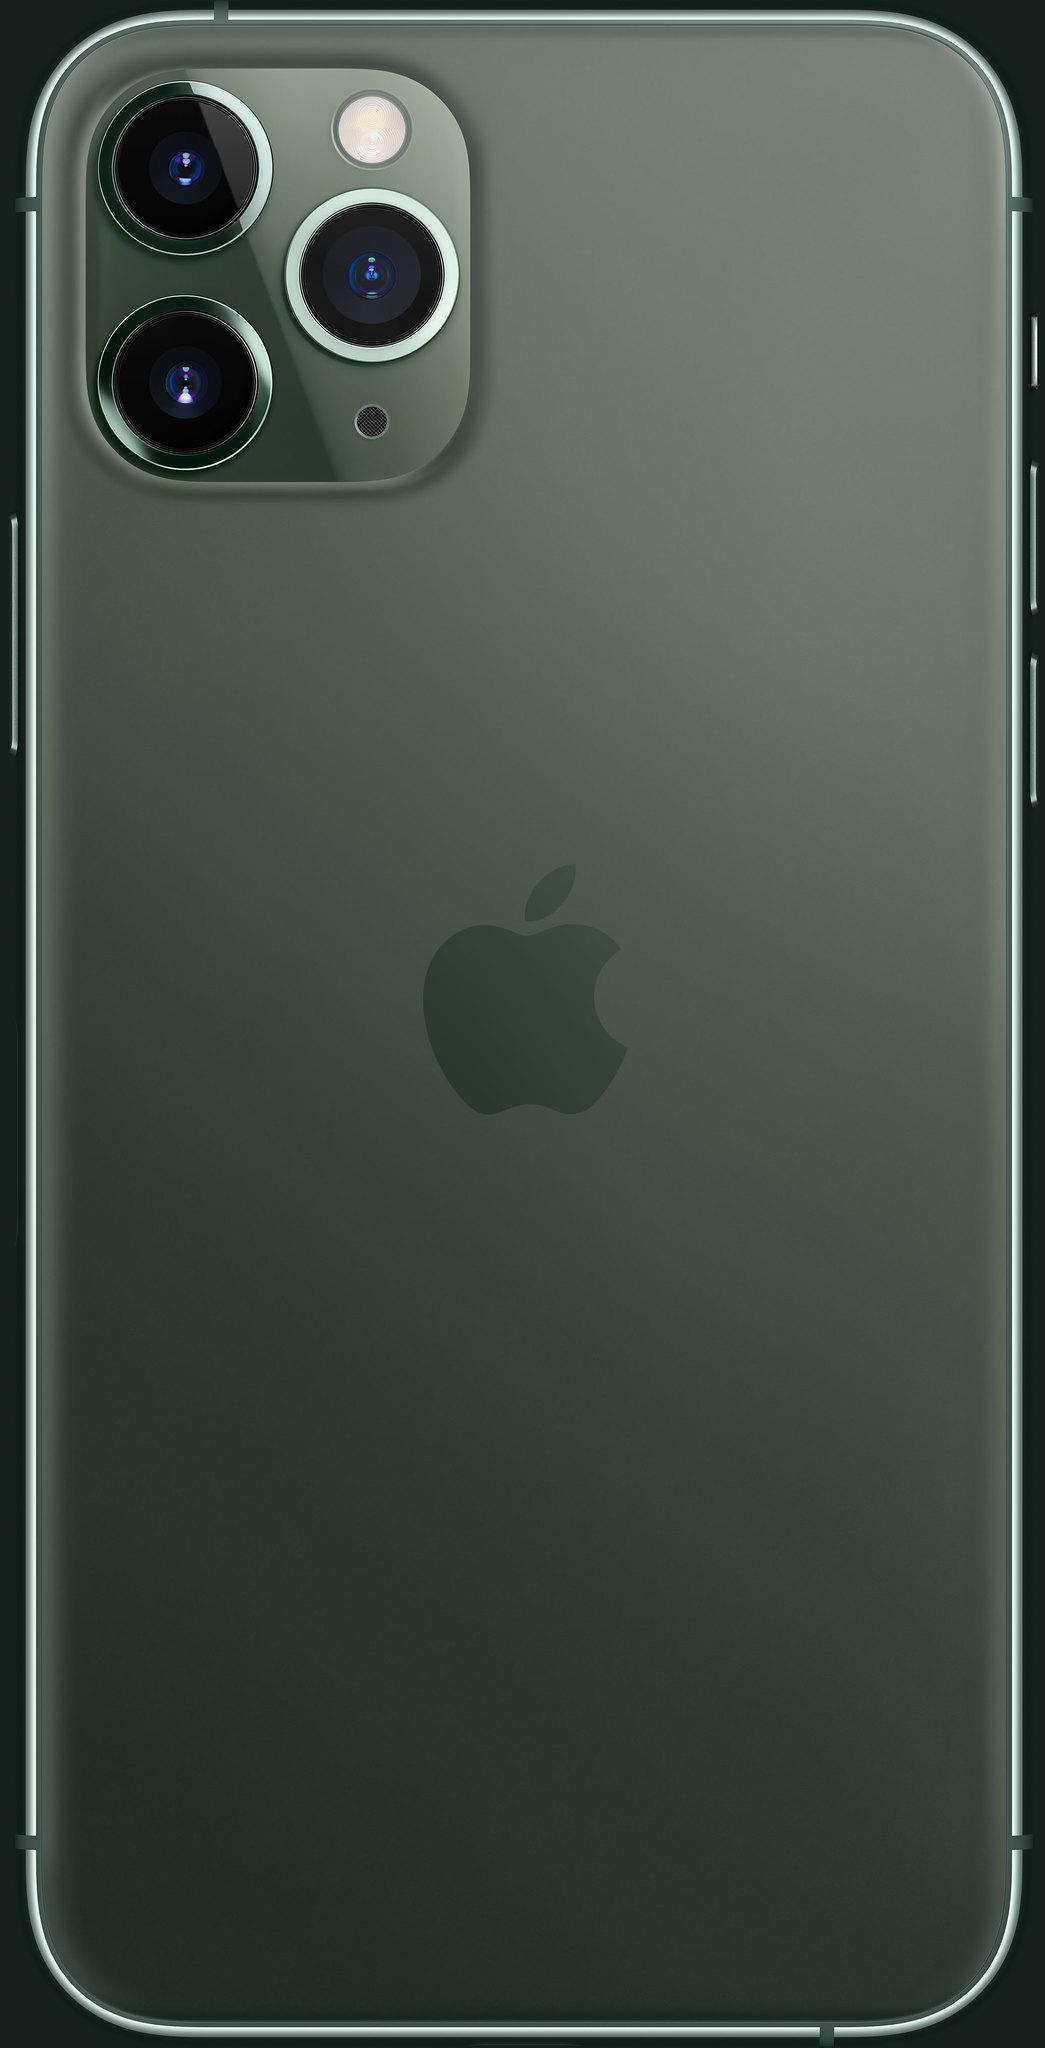 apple iphone 11 pro max обзор, Apple iPhone 11 Pro Max Характеристики